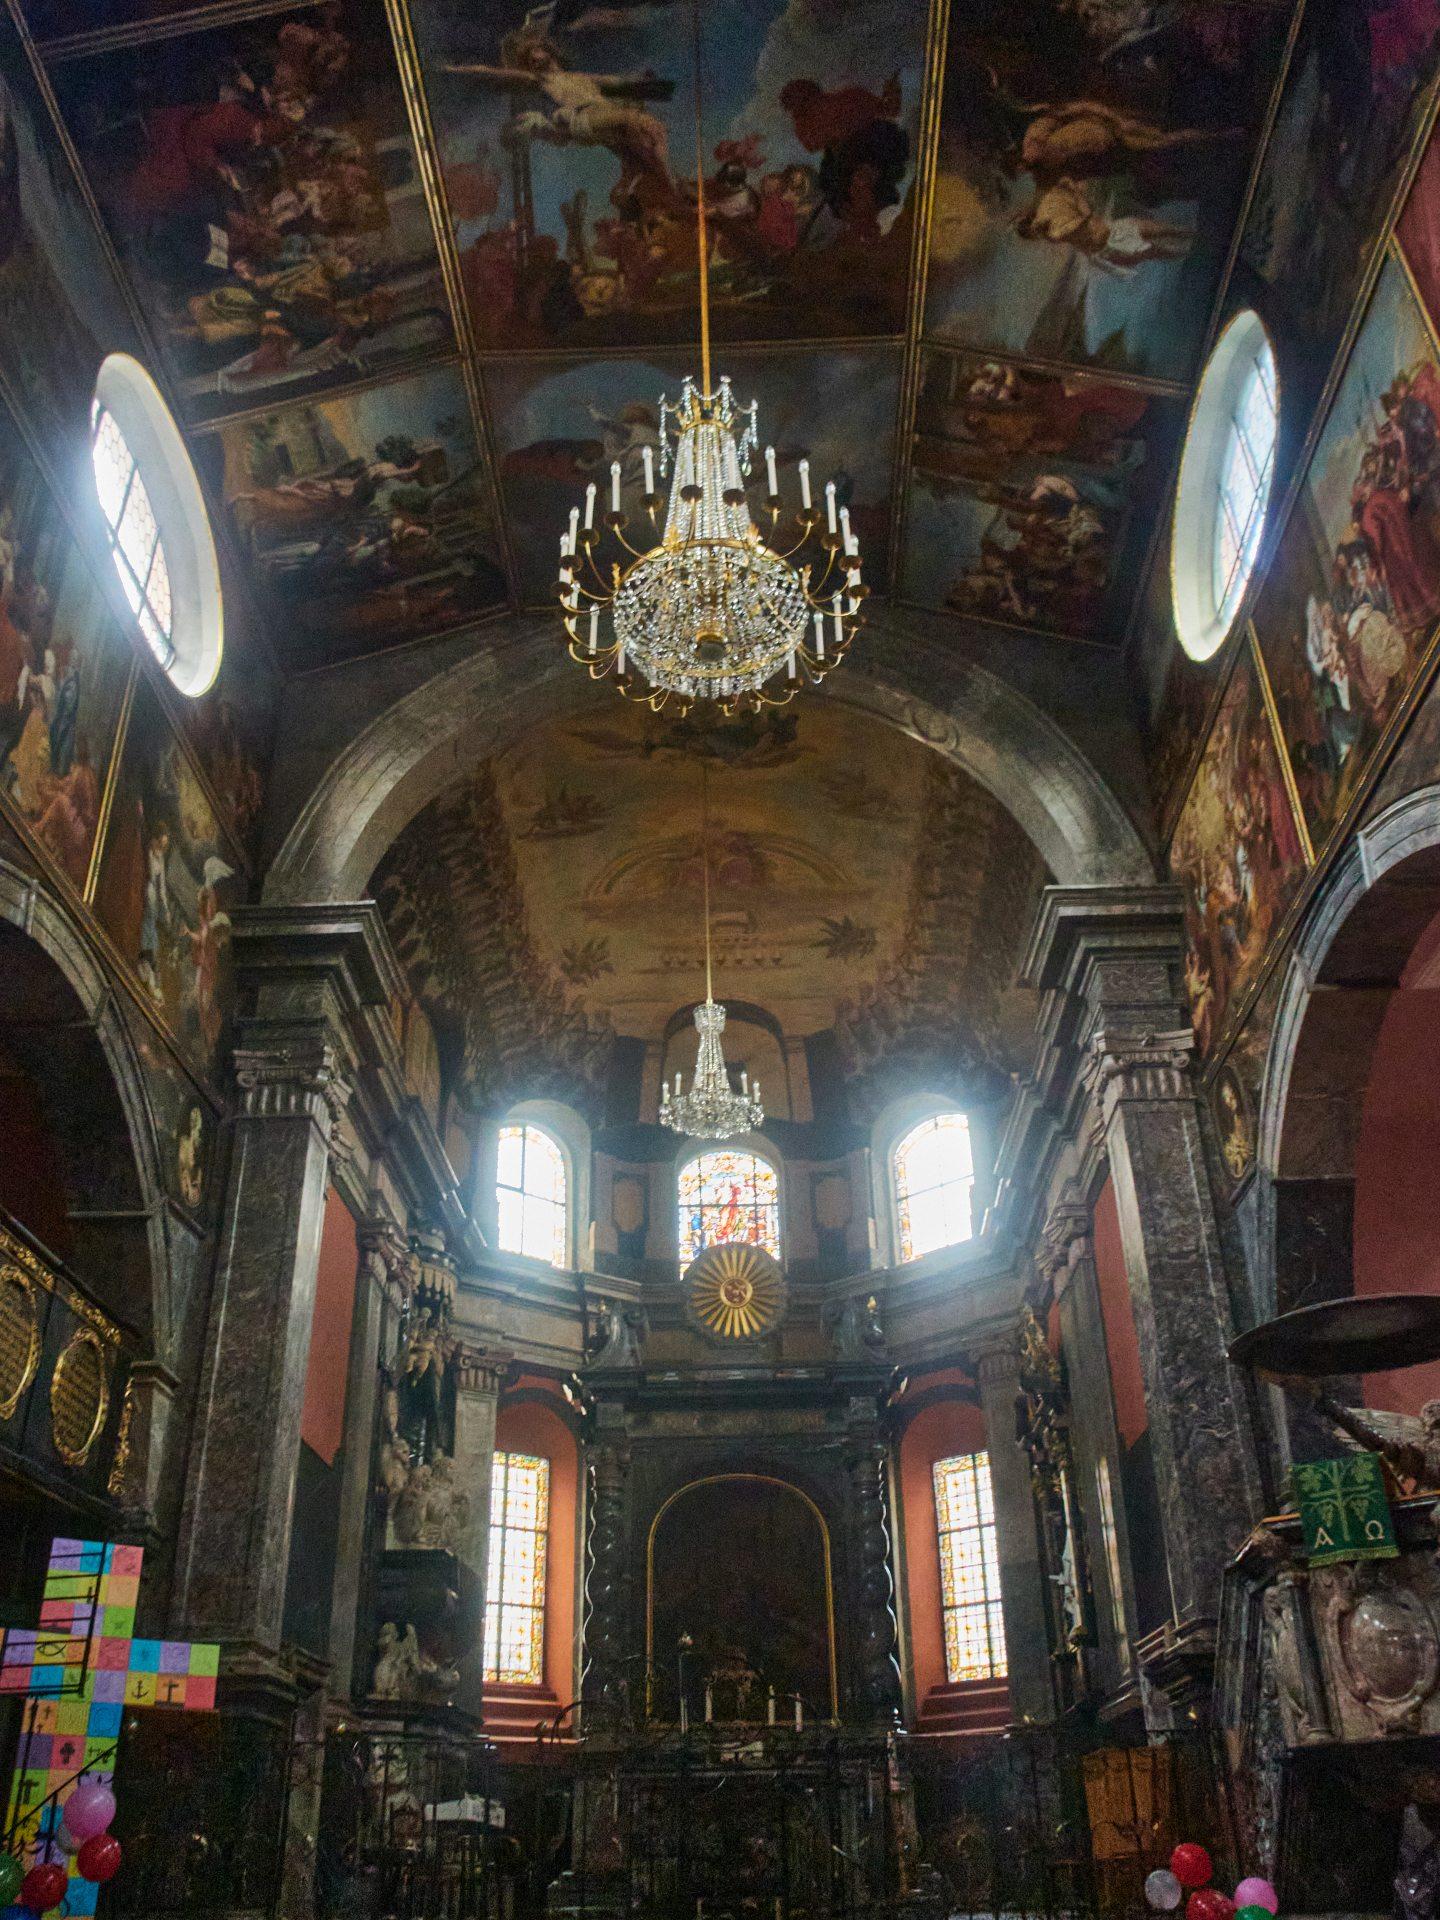 Die um 1330 erbaute Kirche wurde 1667-77 durch den Grafen Johannes von Nassau-Idstein, genau in der Zeit der Hexenverfolgung, prächtig durch Schüler der Rubensschule ausgeschmückt.